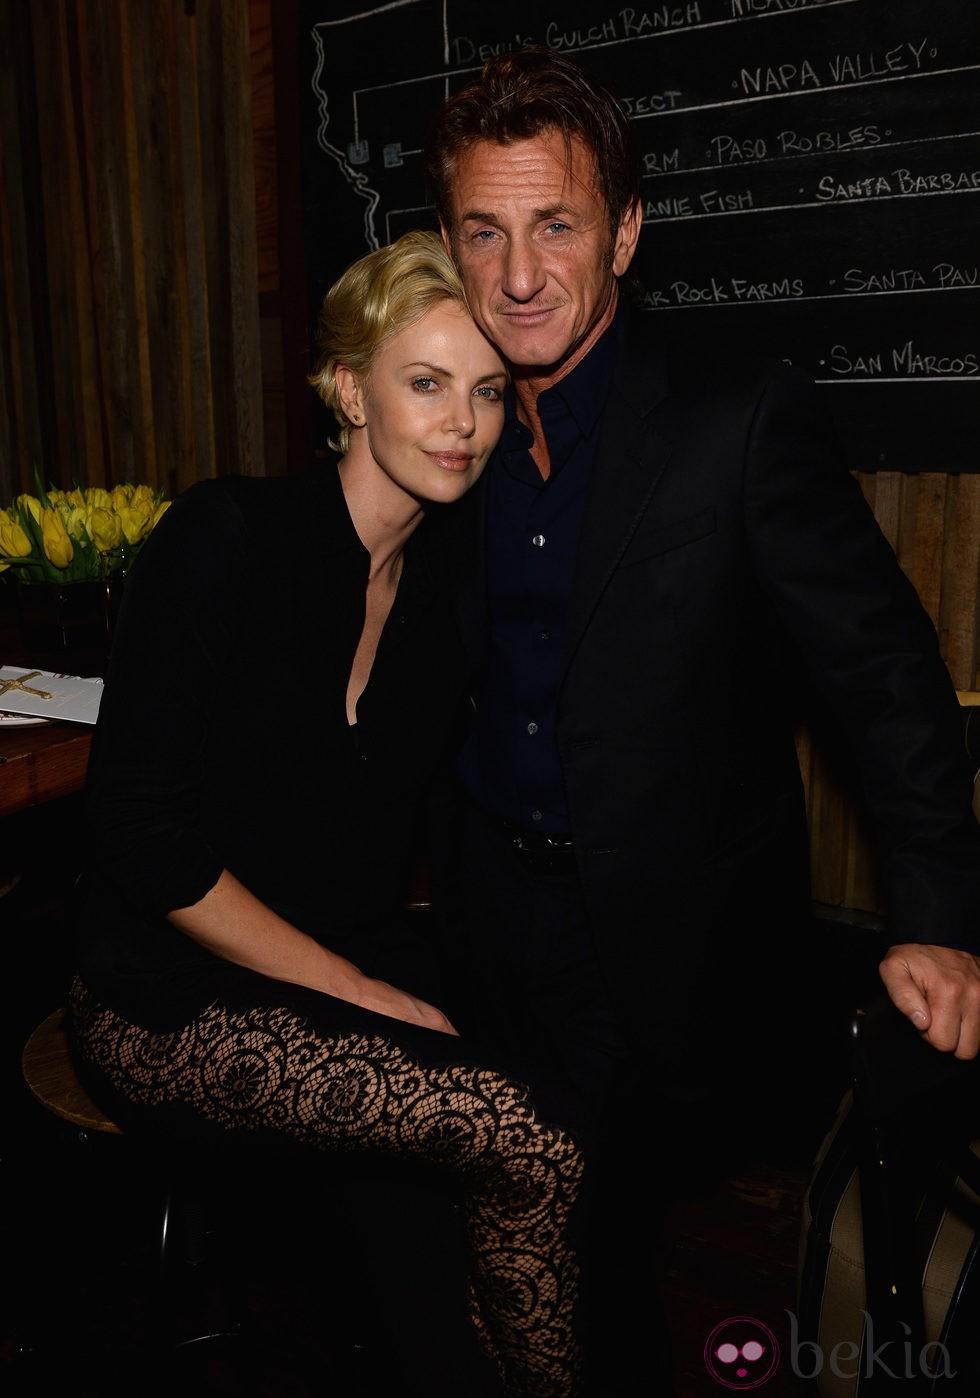 Charlize Theron y Sean Penn muy cariñosos en una fiesta en Los Angeles